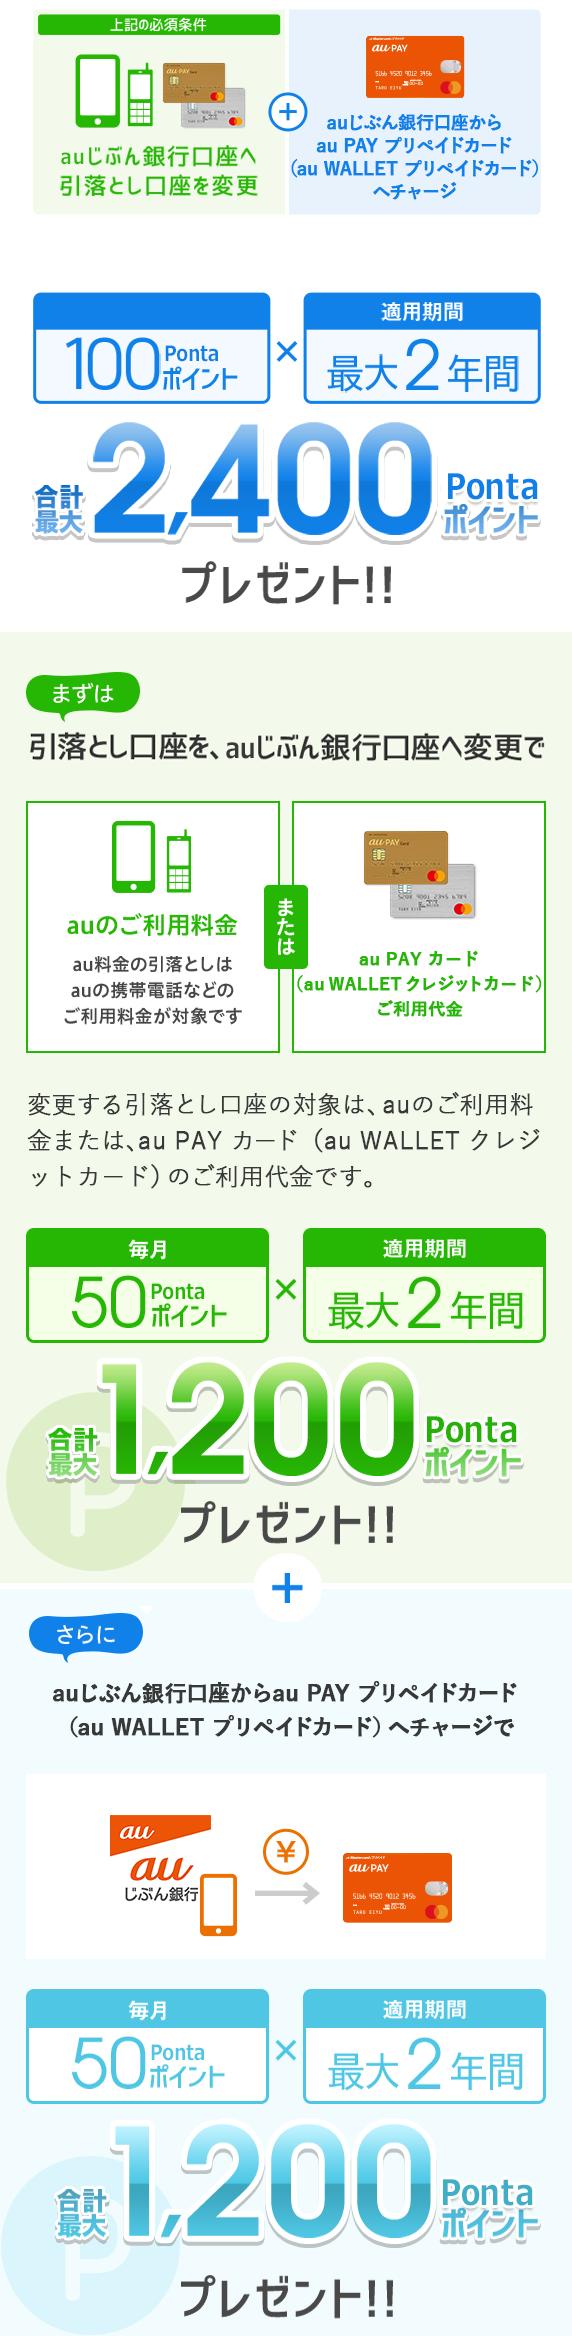 Pay カード au プリペイド